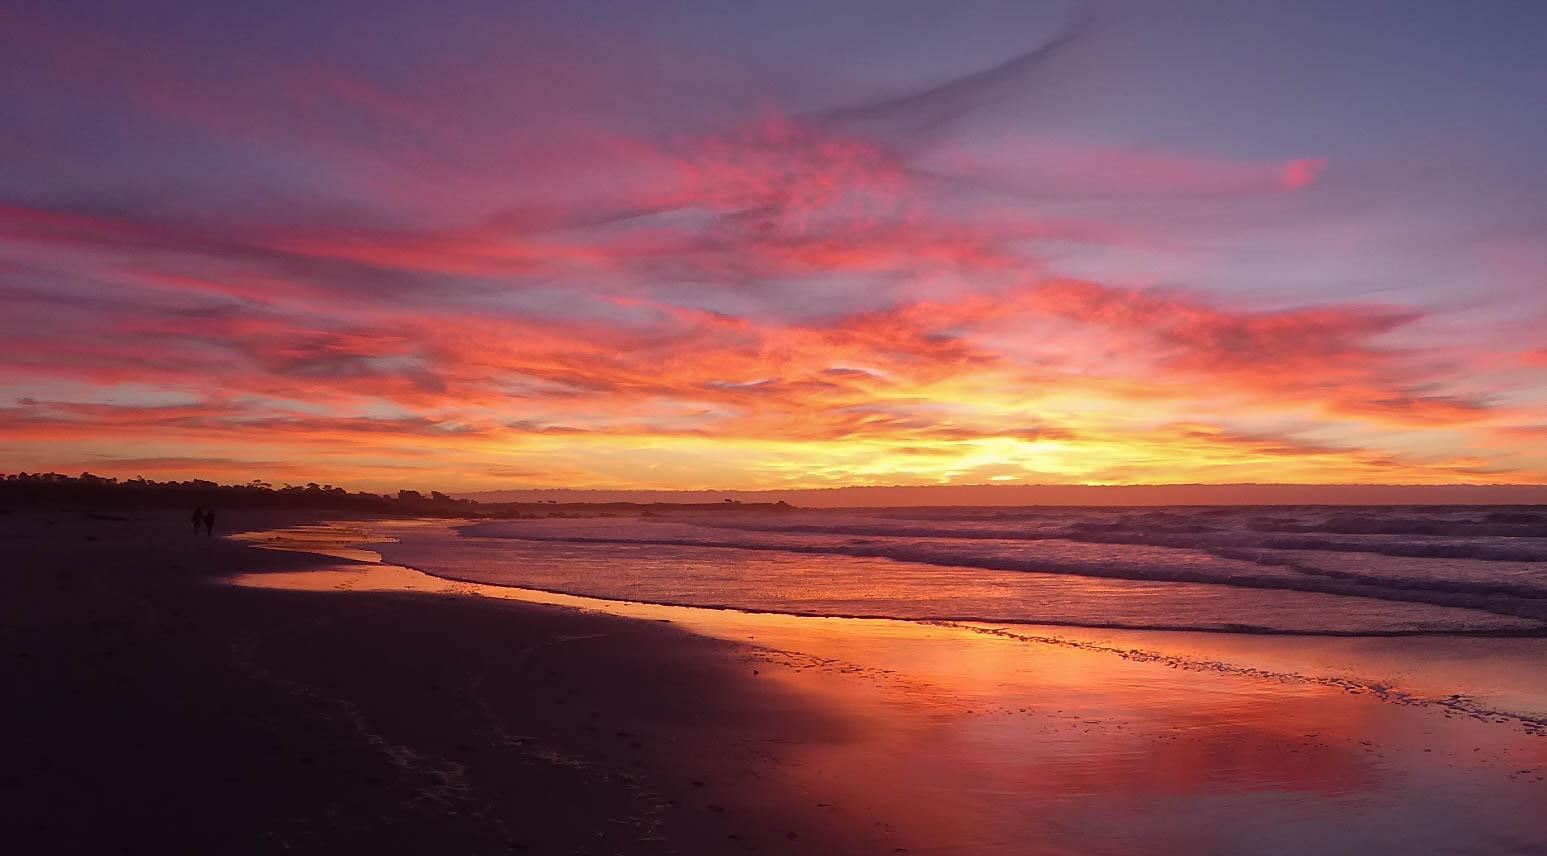 Sunset over Asilomar